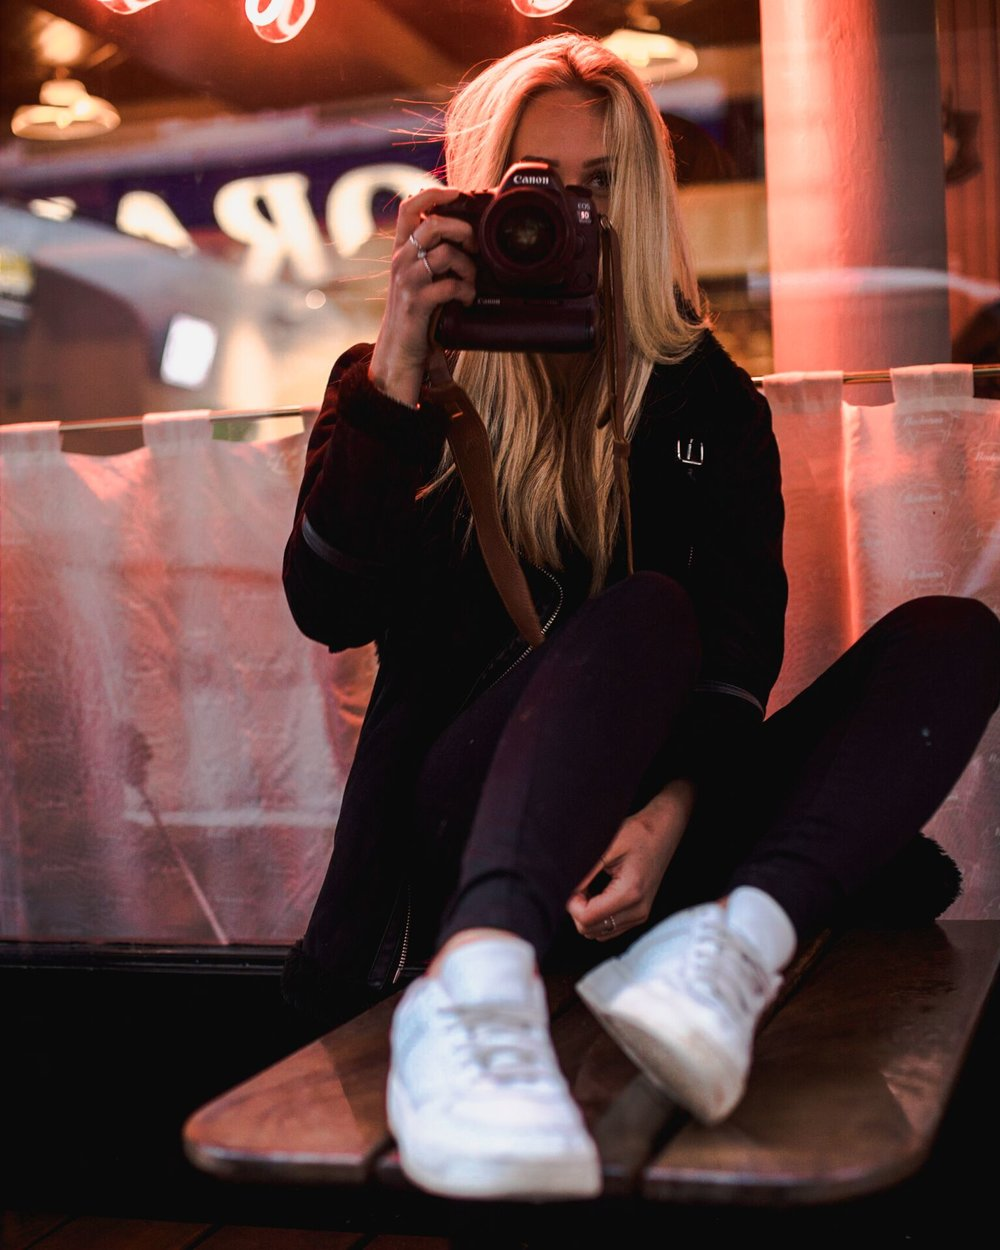 London_Portraits_NicoleHains-04866_preview.jpeg